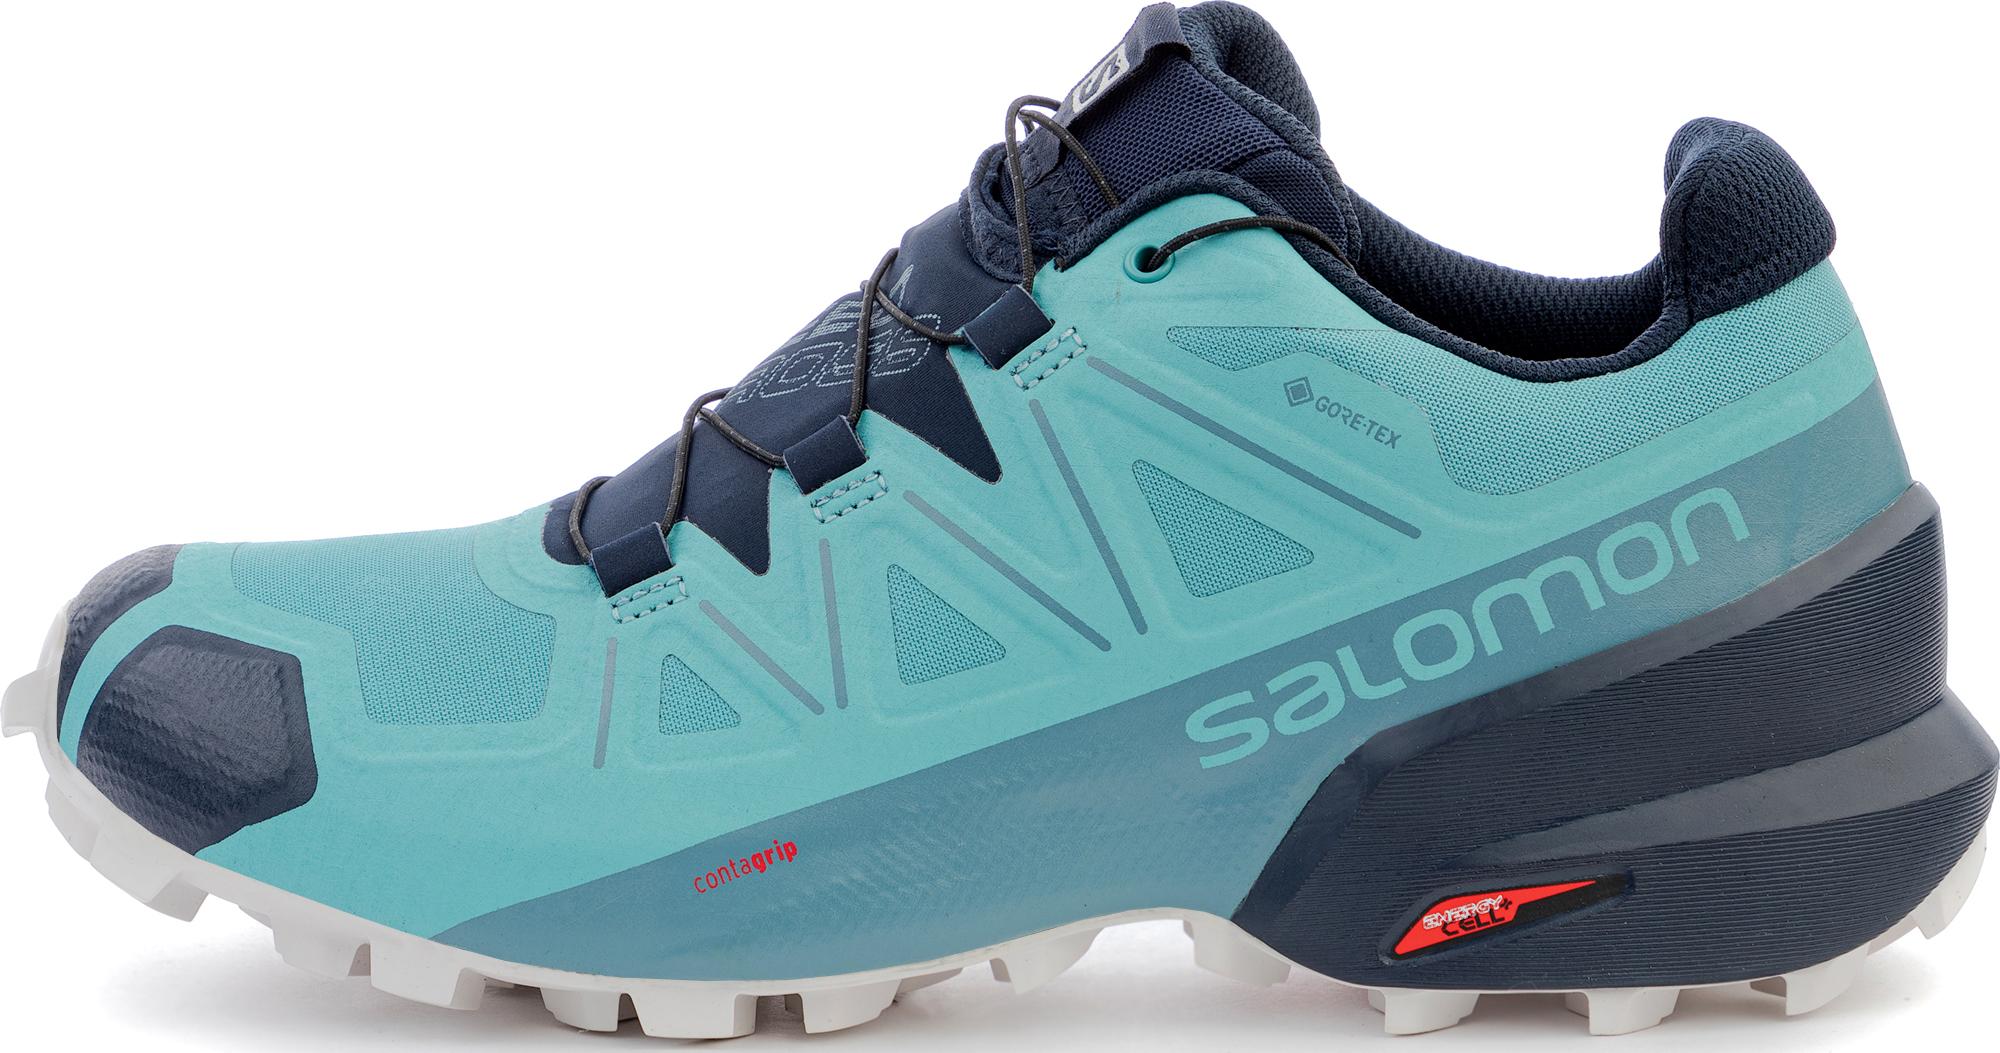 купить Salomon Кроссовки женские Salomon Speedcross 5, размер 40 дешево